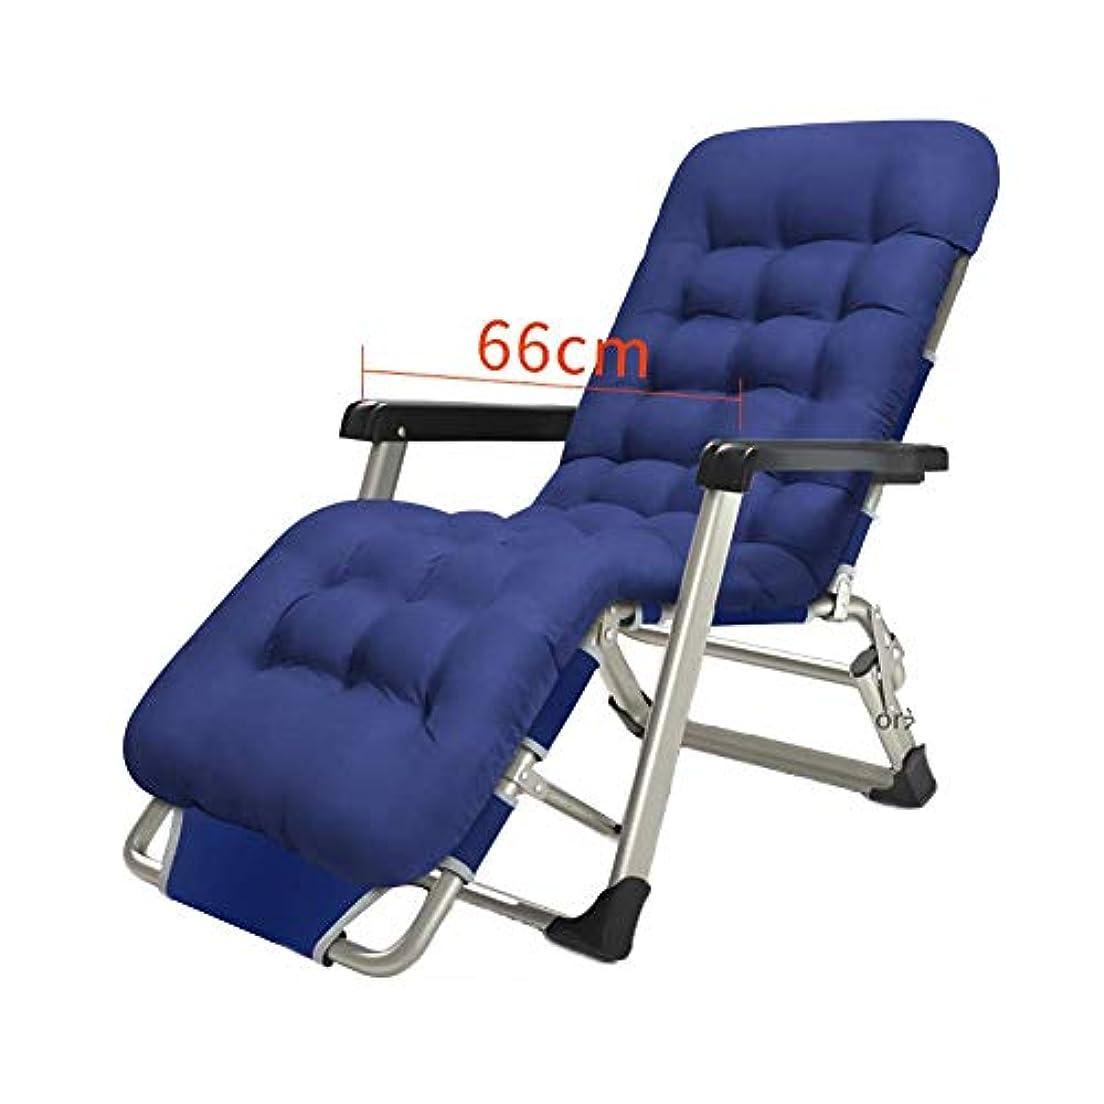 できればハンカチうれしい携帯用寝椅子の折りたたみリクライニングチェアの椅子、屋外の折りたたみ椅子頑丈な安定したラウンジチェアデッキチェアパティオガーデンバルコニー,A